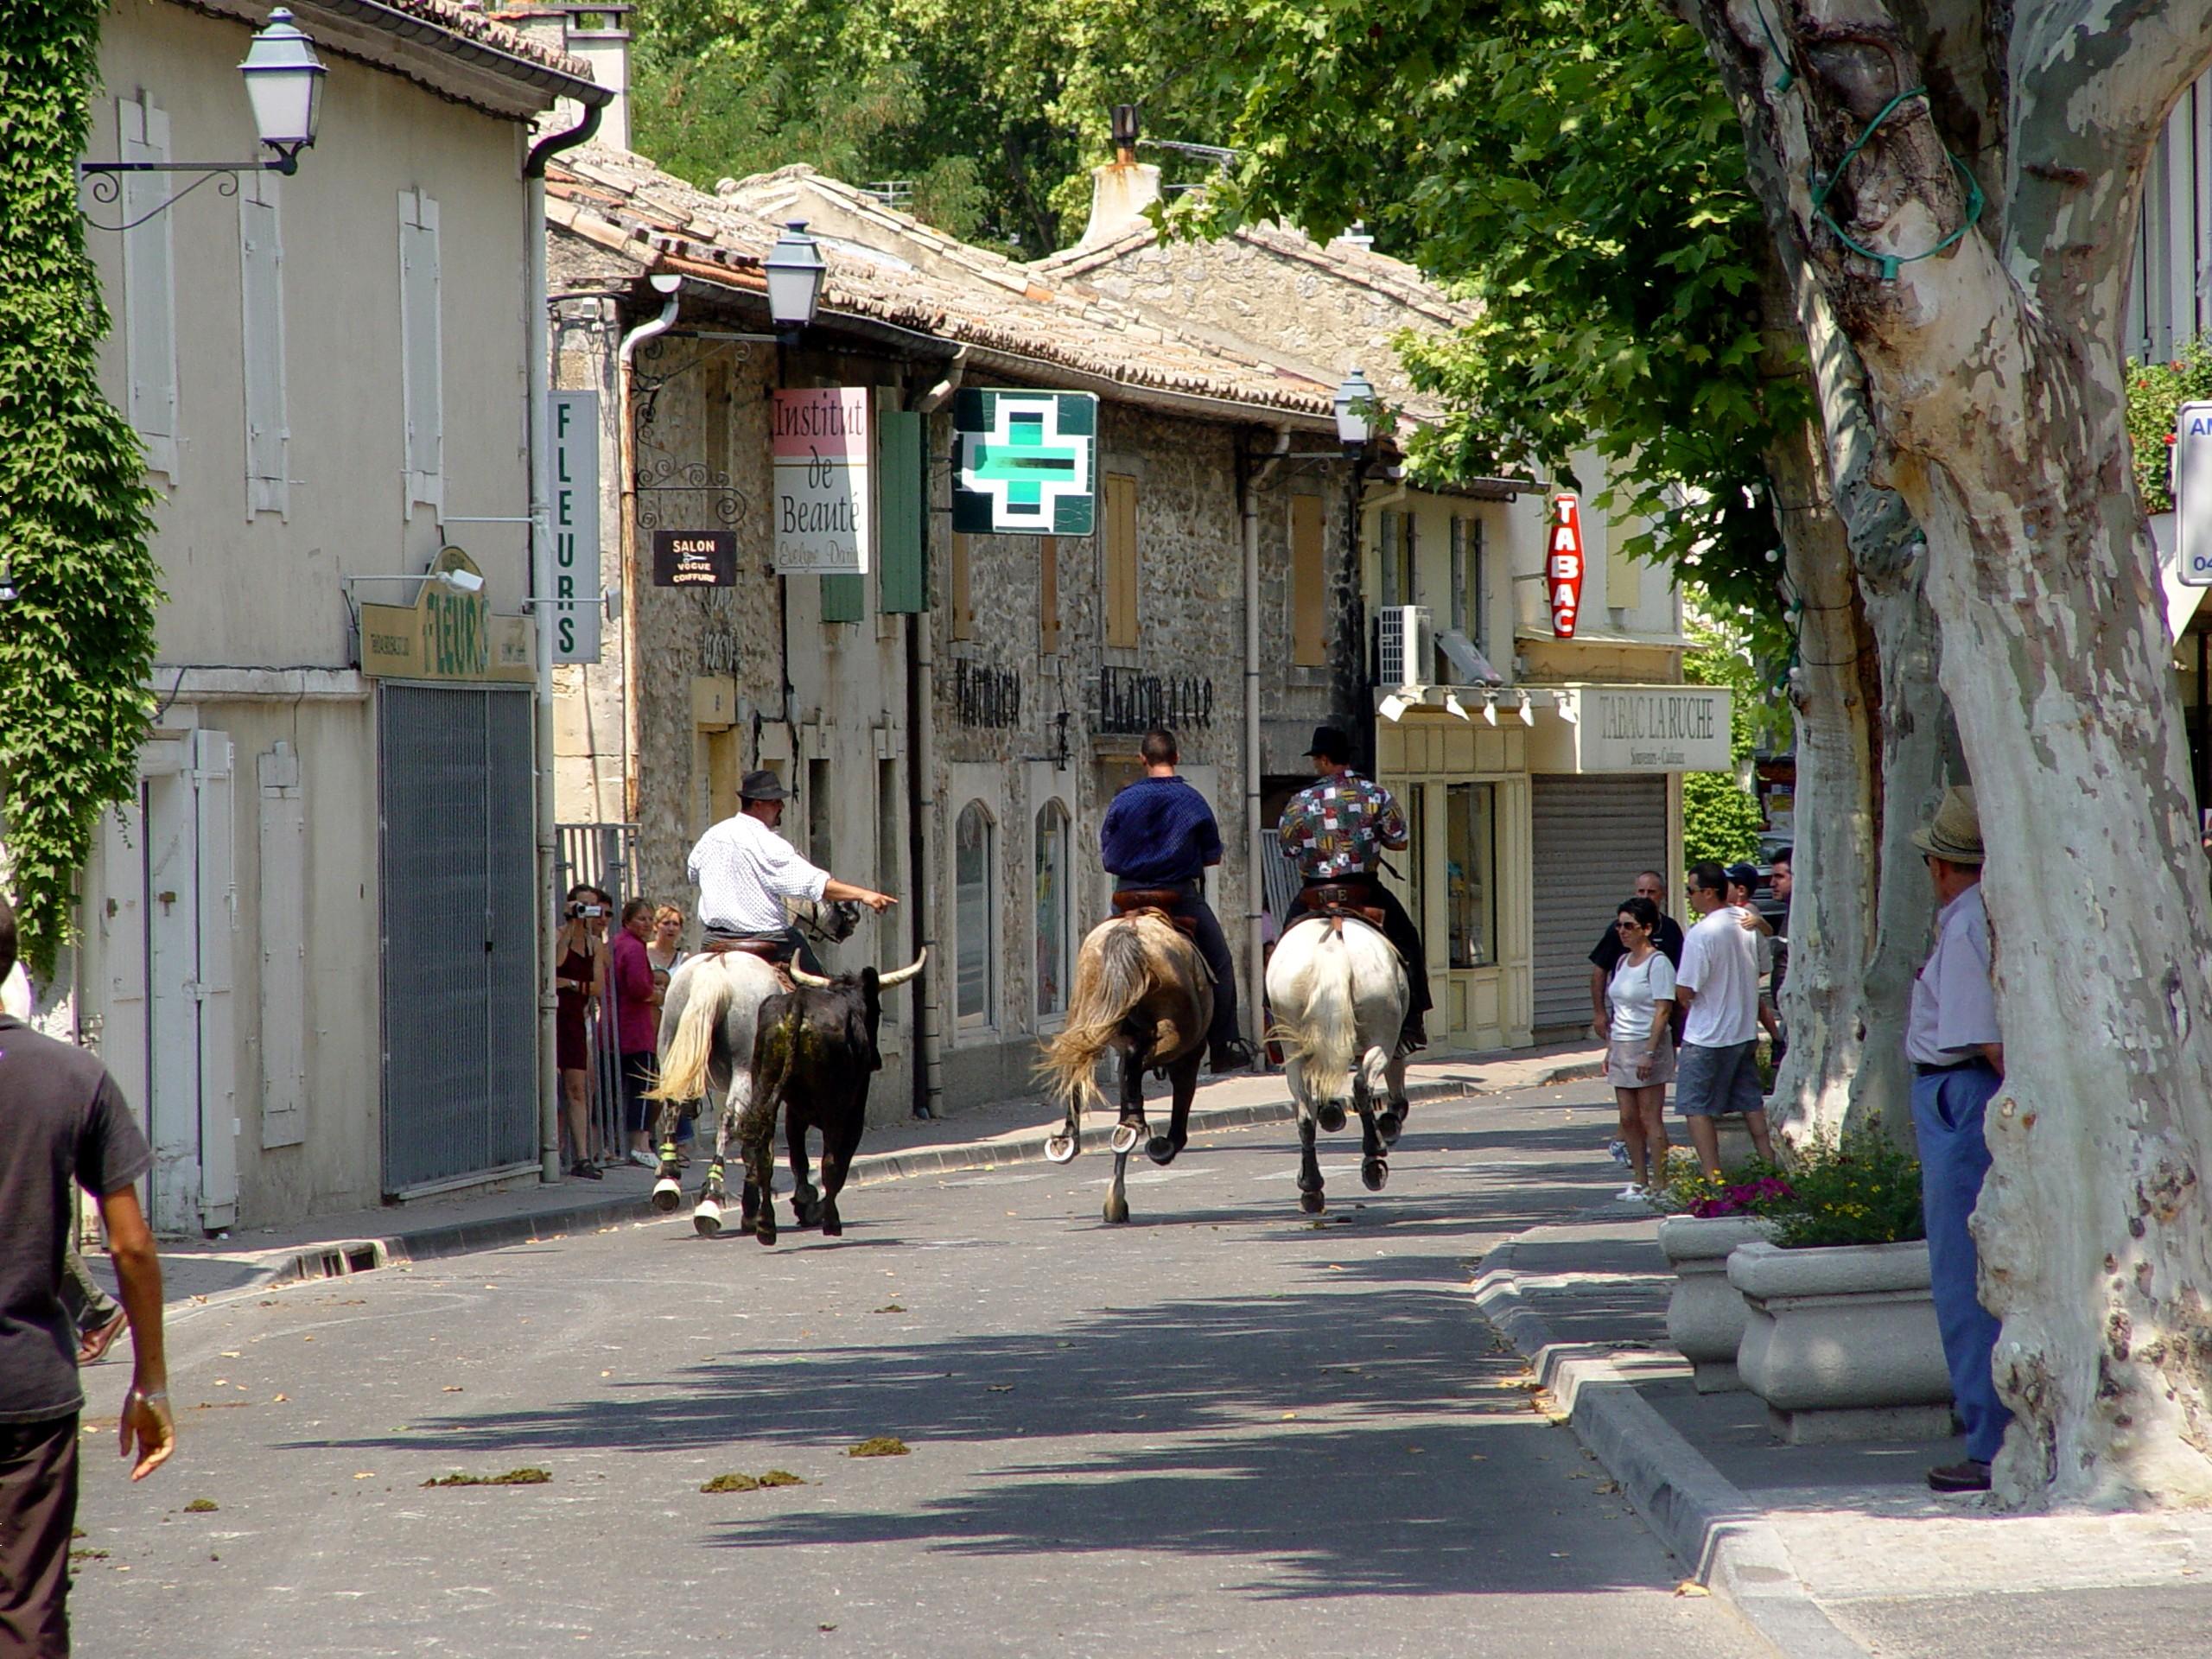 La bandido office de tourisme maussane les alpilles - Office de tourisme les contamines montjoie ...